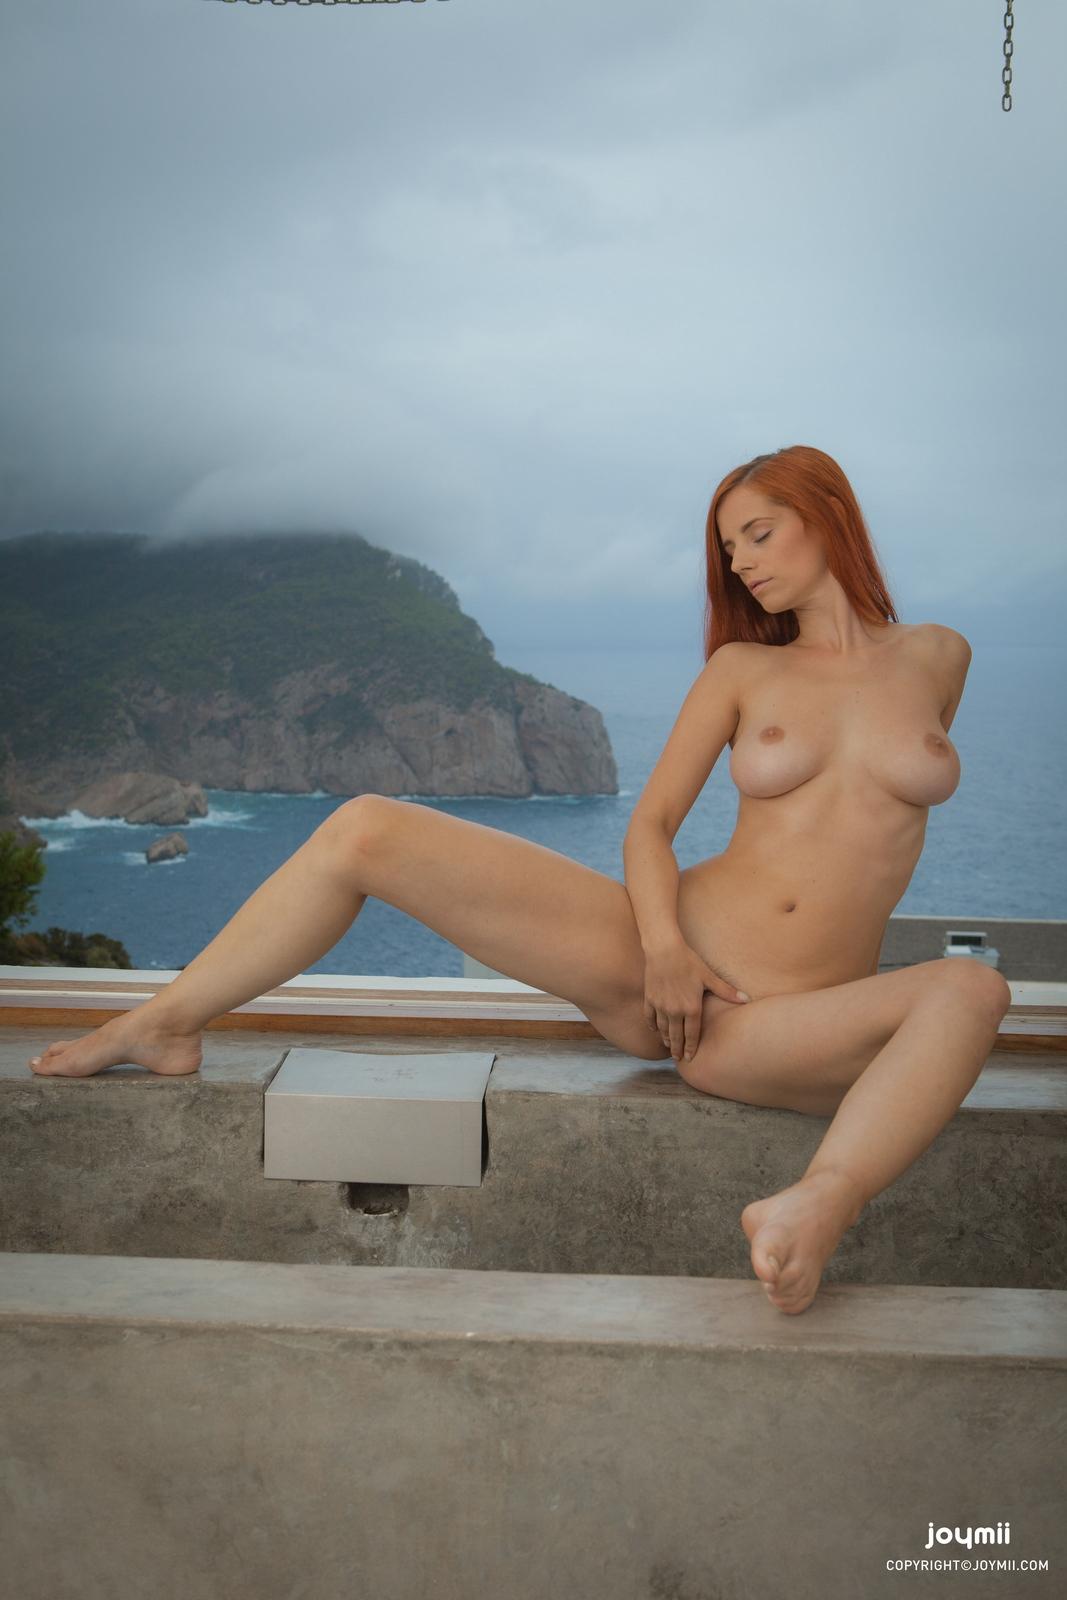 ariel-redhead-bathroom-naked-boobs-joymii-11